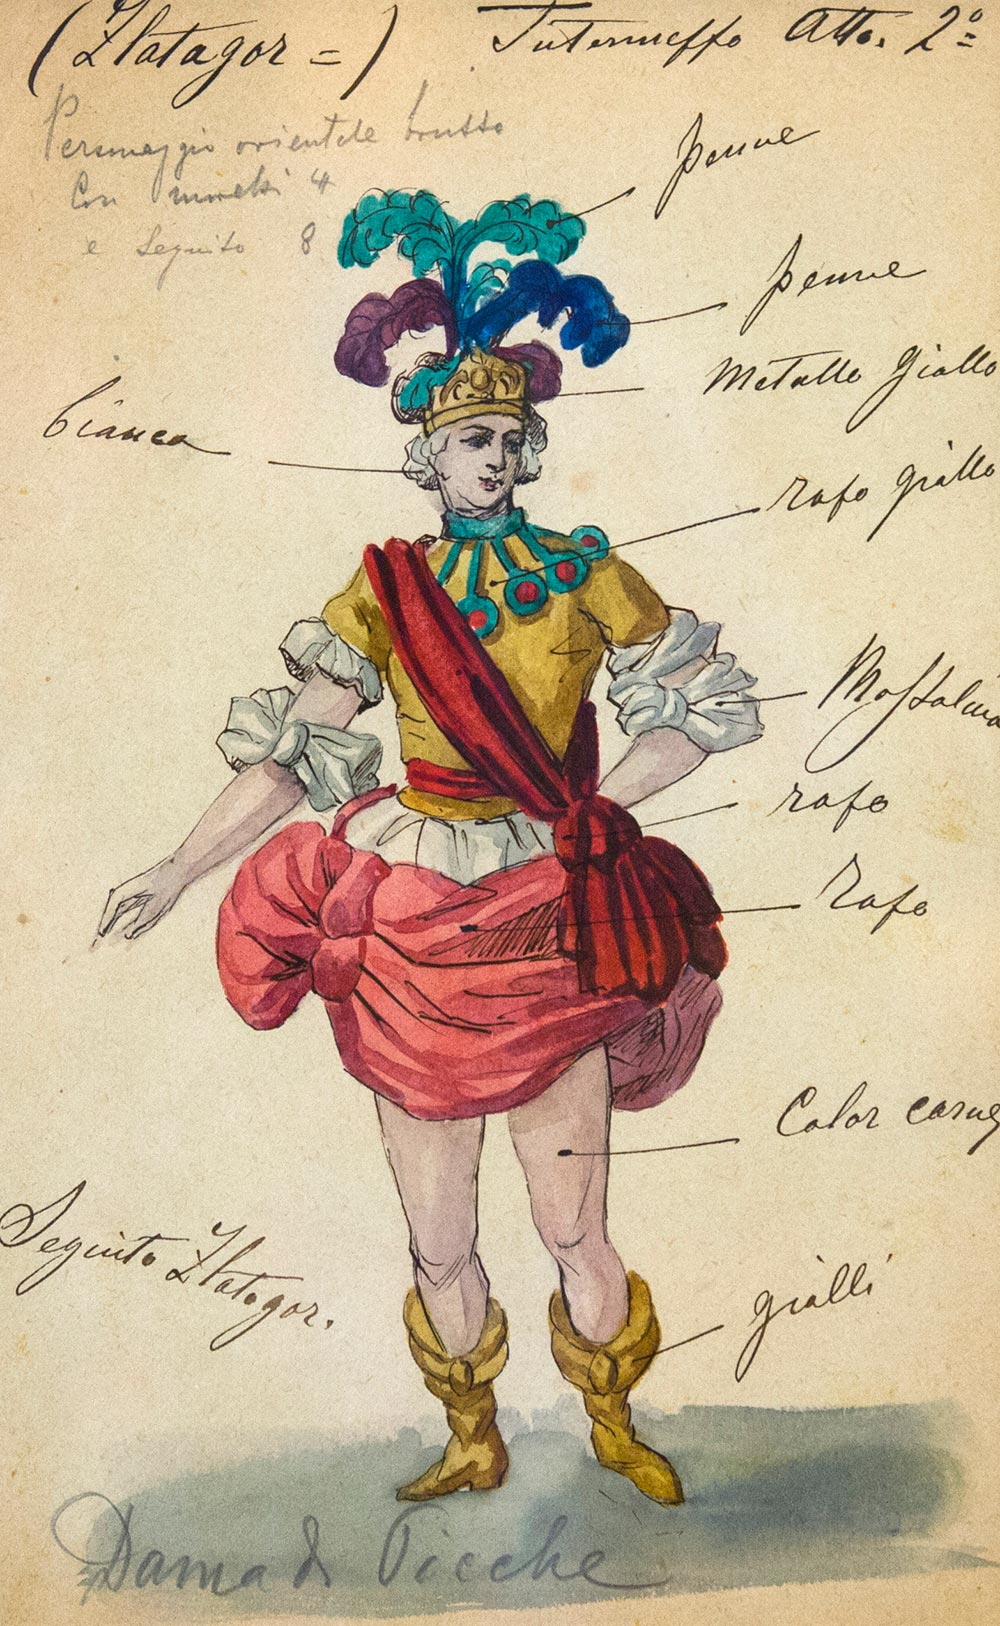 Златогор. Эскиз театрального костюма к балету «Пиковая дама».